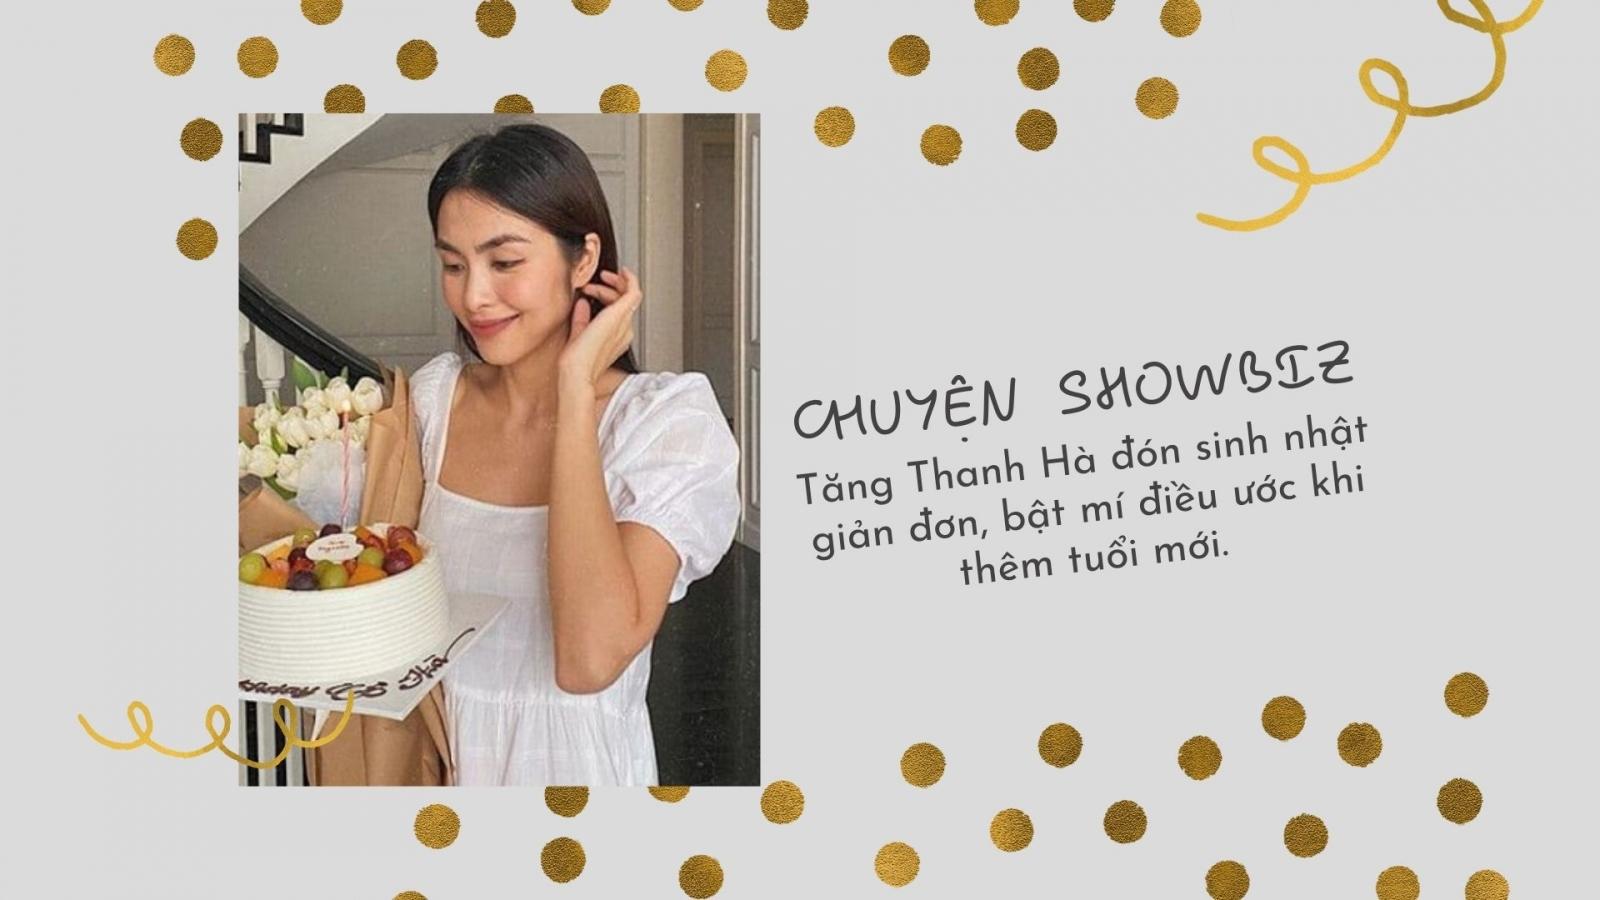 Chuyện showbiz: Tăng Thanh Hà đón sinh nhật giản đơn, bật mí điều ước khi thêm tuổi mới